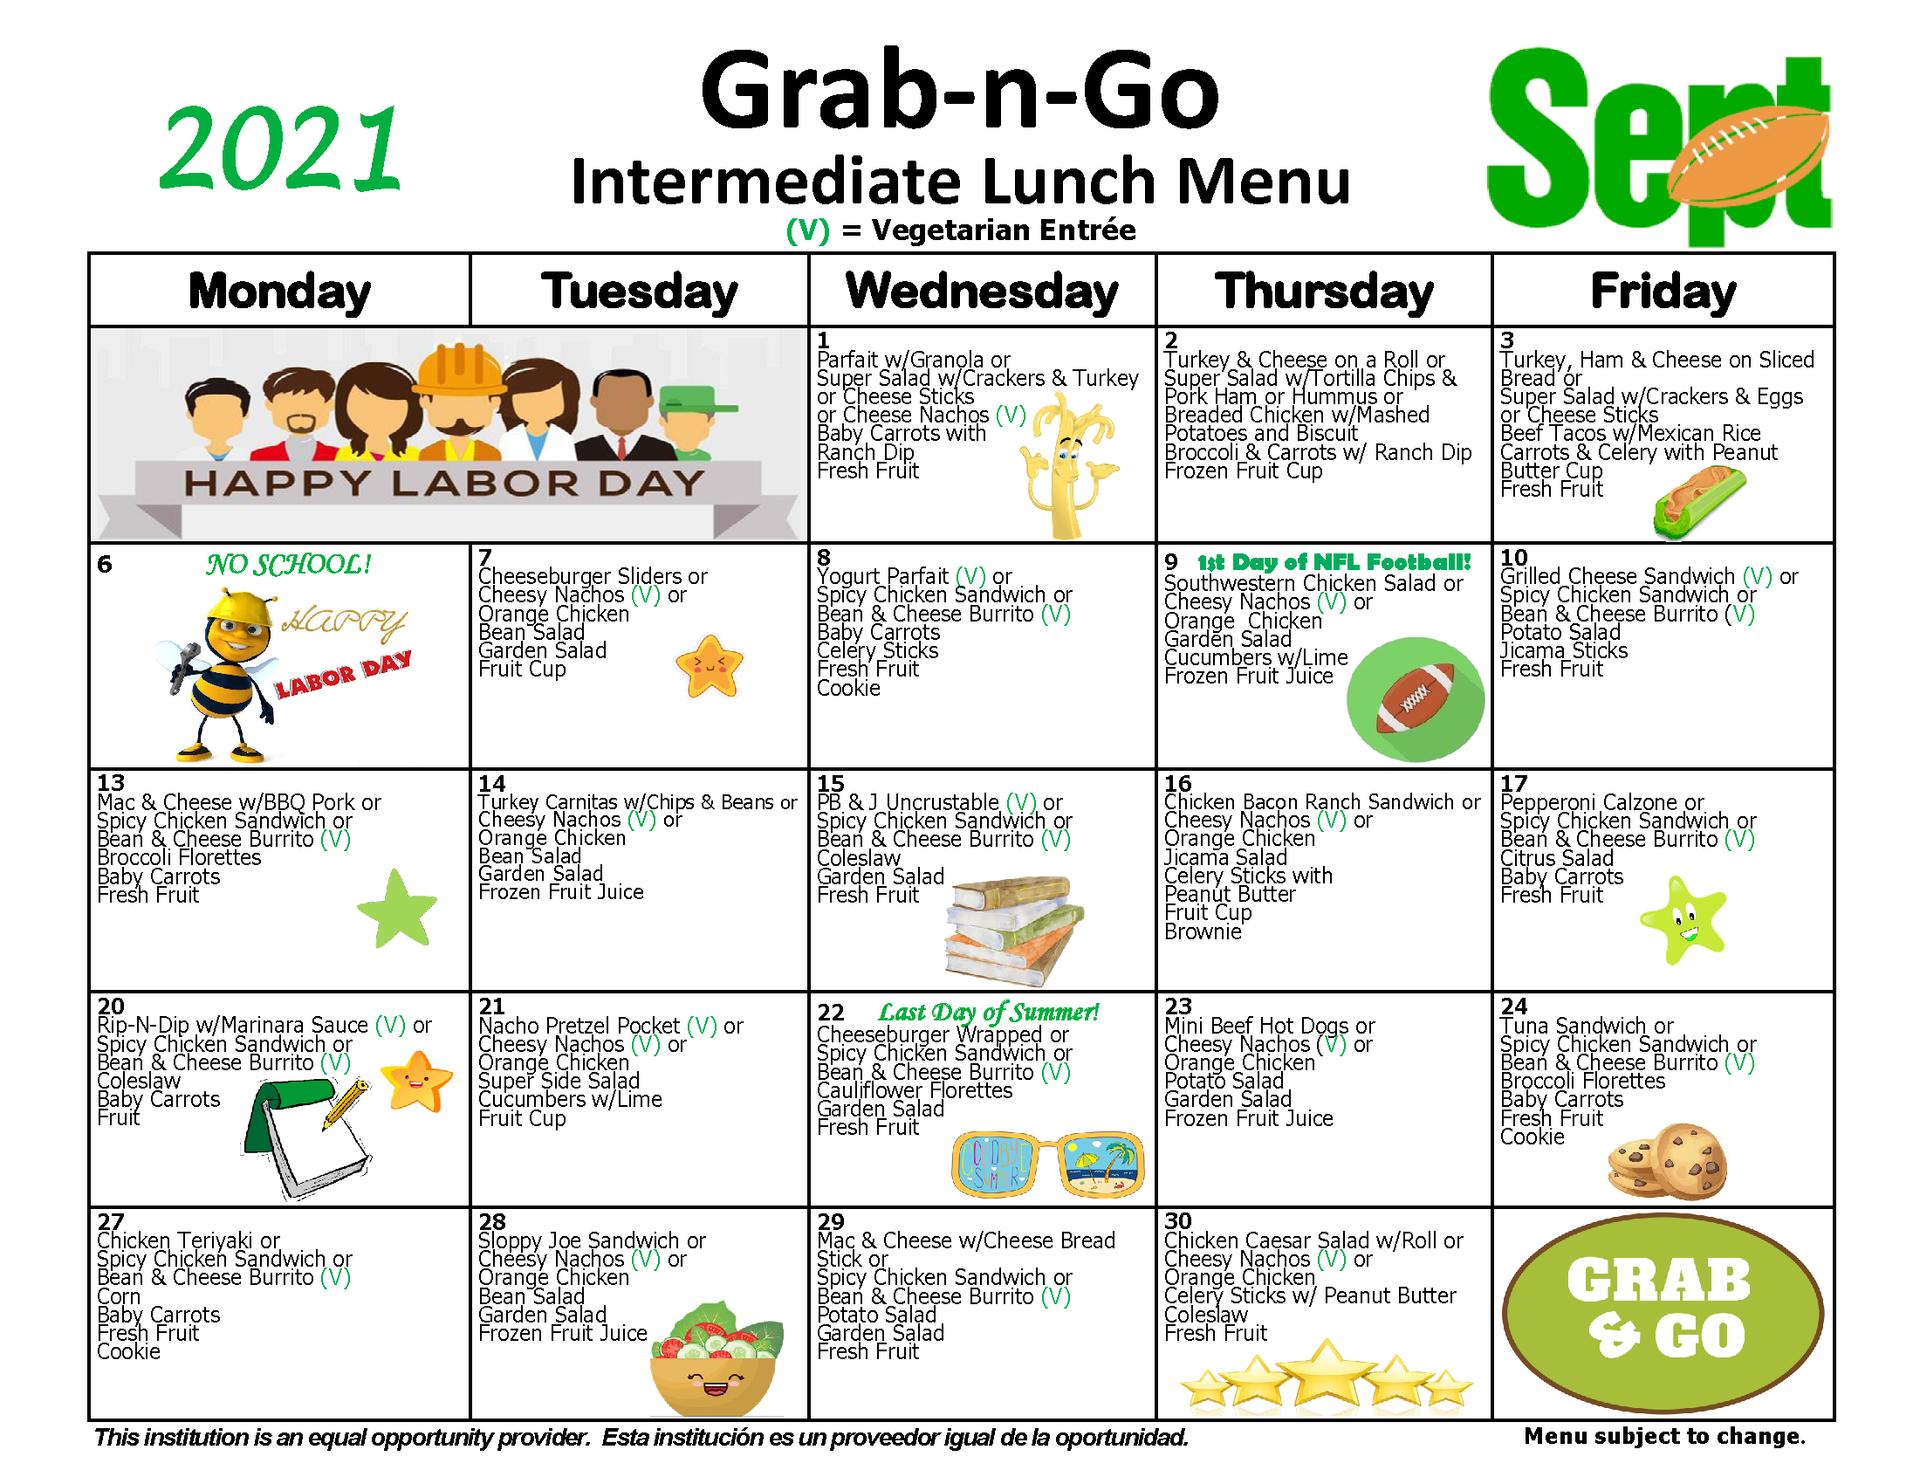 Intermediate Grab-n-Go Lunch Menu September 2021